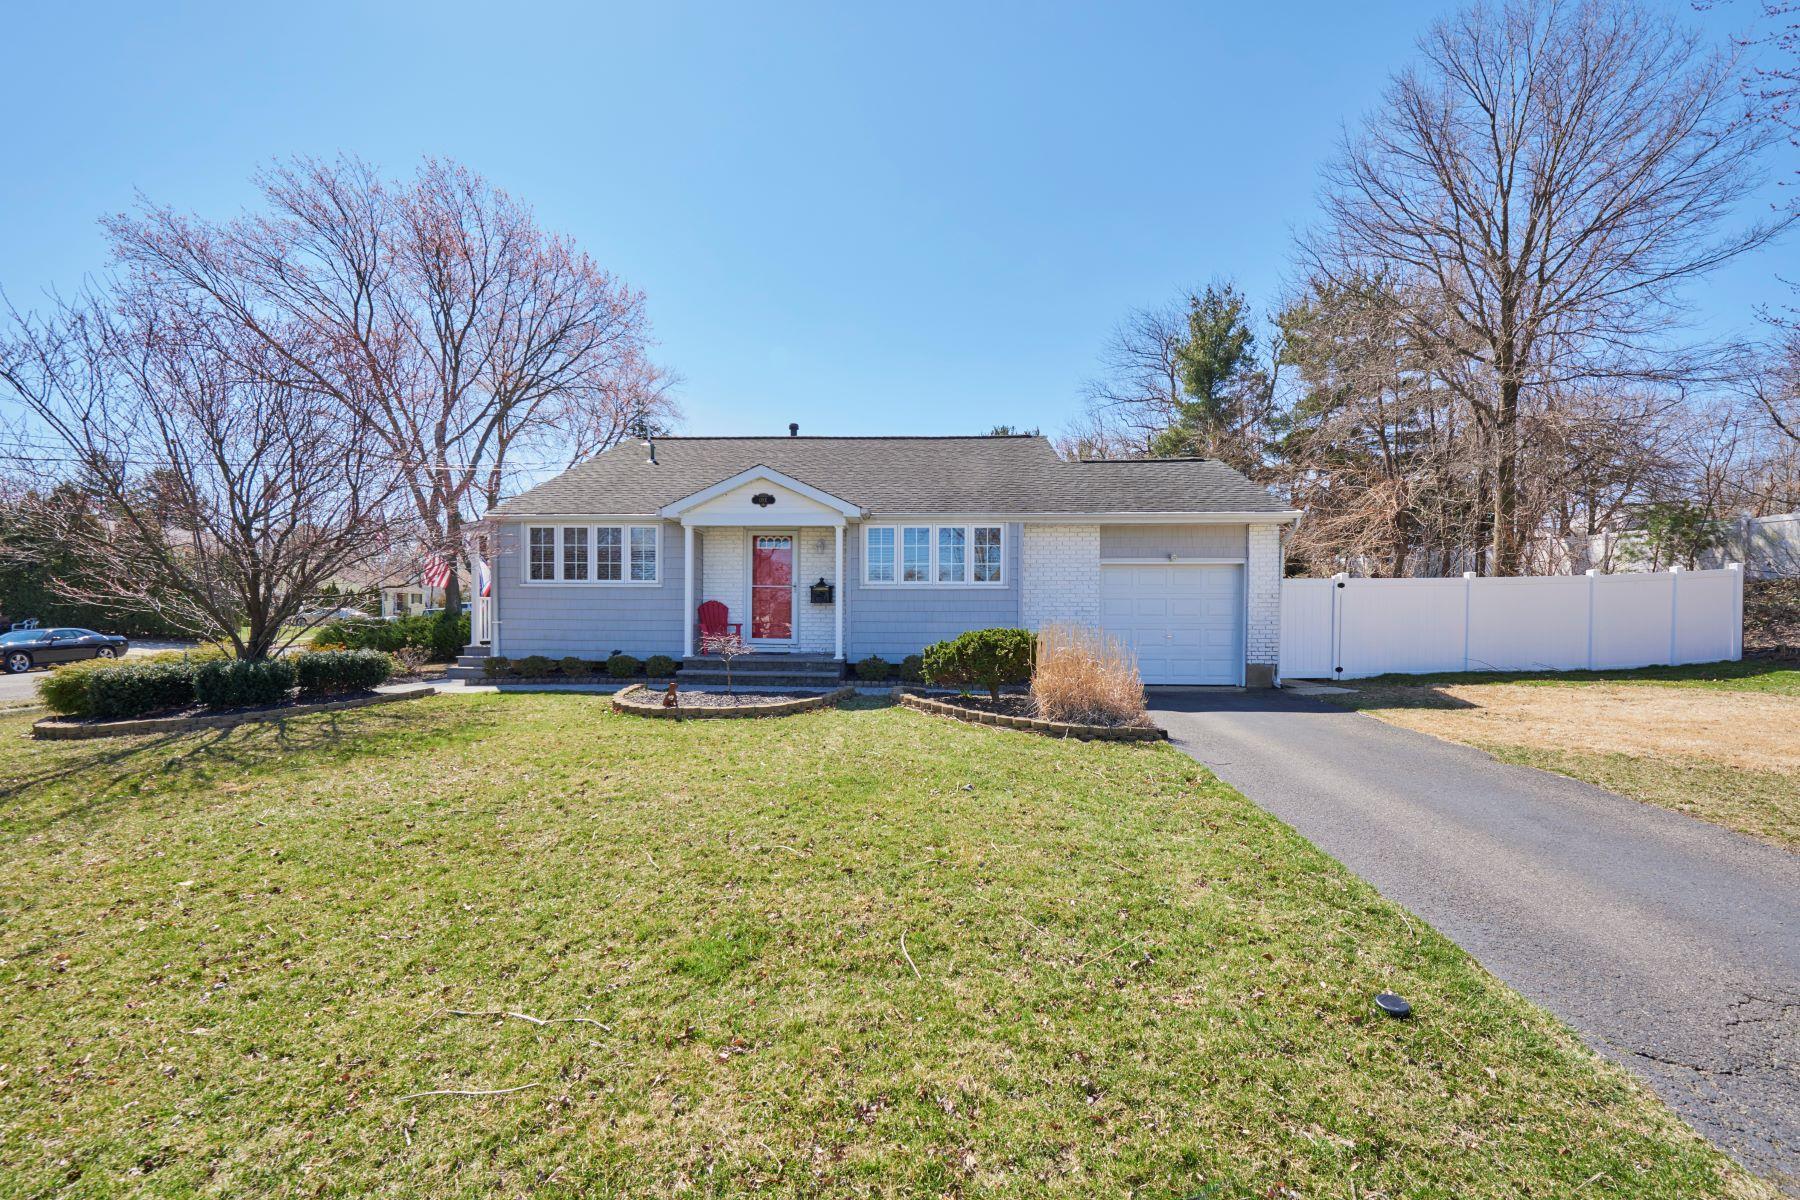 Частный односемейный дом для того Продажа на 1 Louise Court, Hazlet Hazlet, Нью-Джерси 07730 Соединенные Штаты